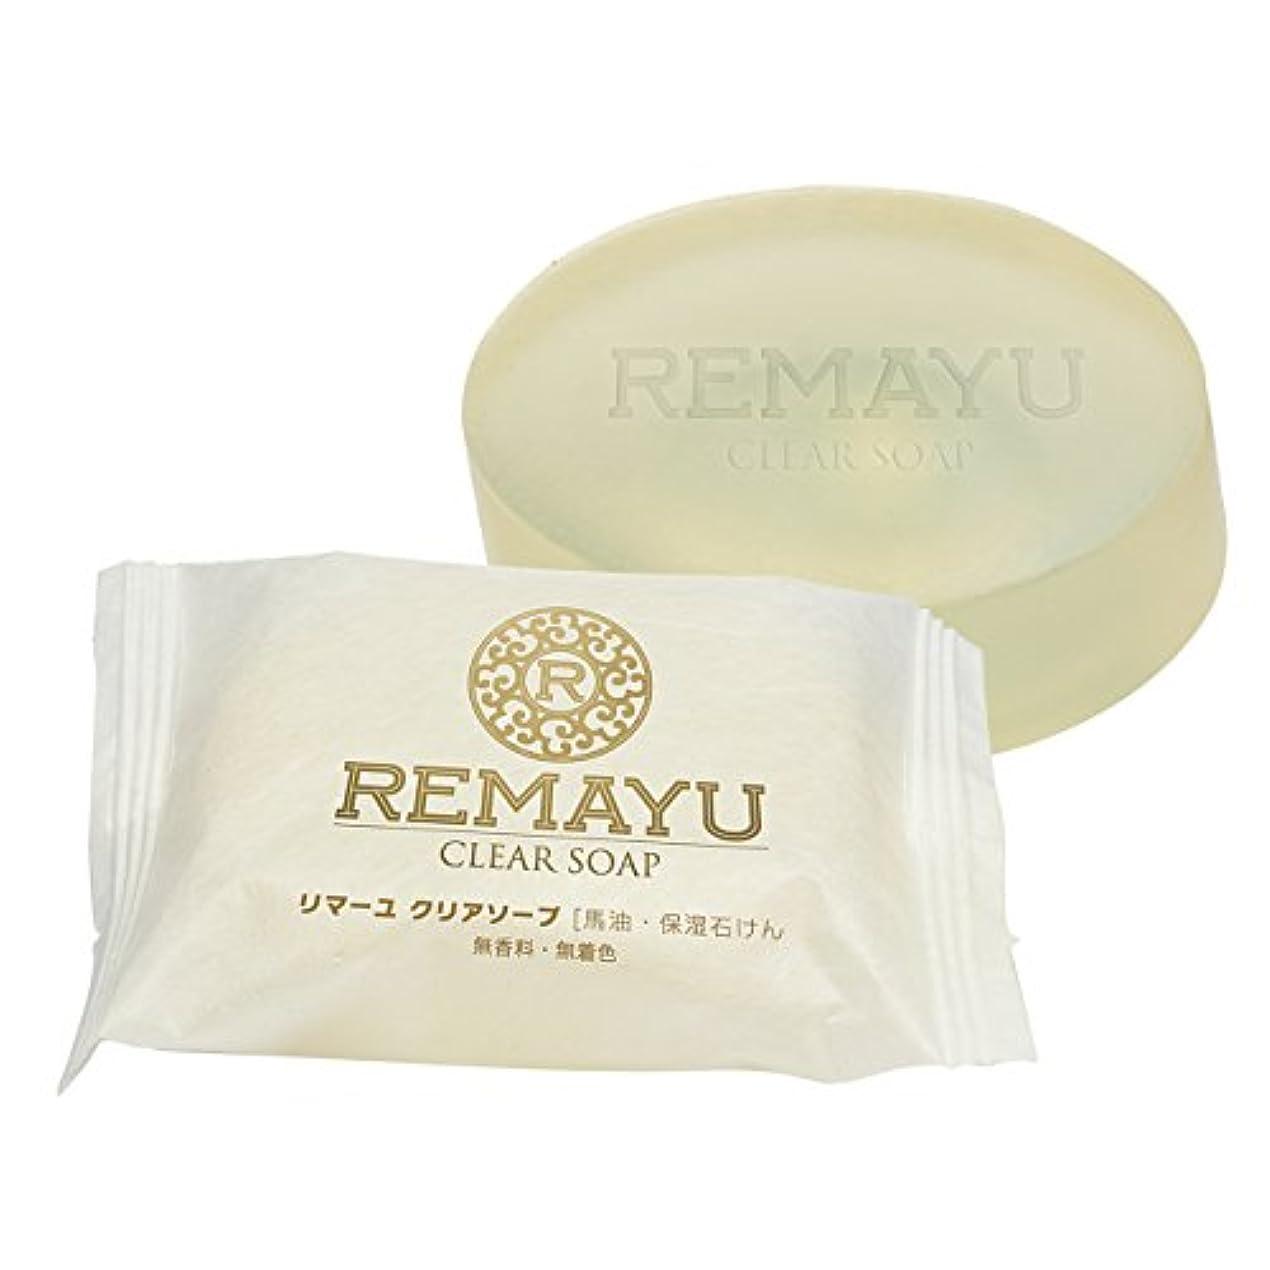 が欲しい動物繁雑リマーユ クリアソープ 90g 馬油 リバテープ製薬 日本製 ばゆ石鹸 ばゆ洗顔